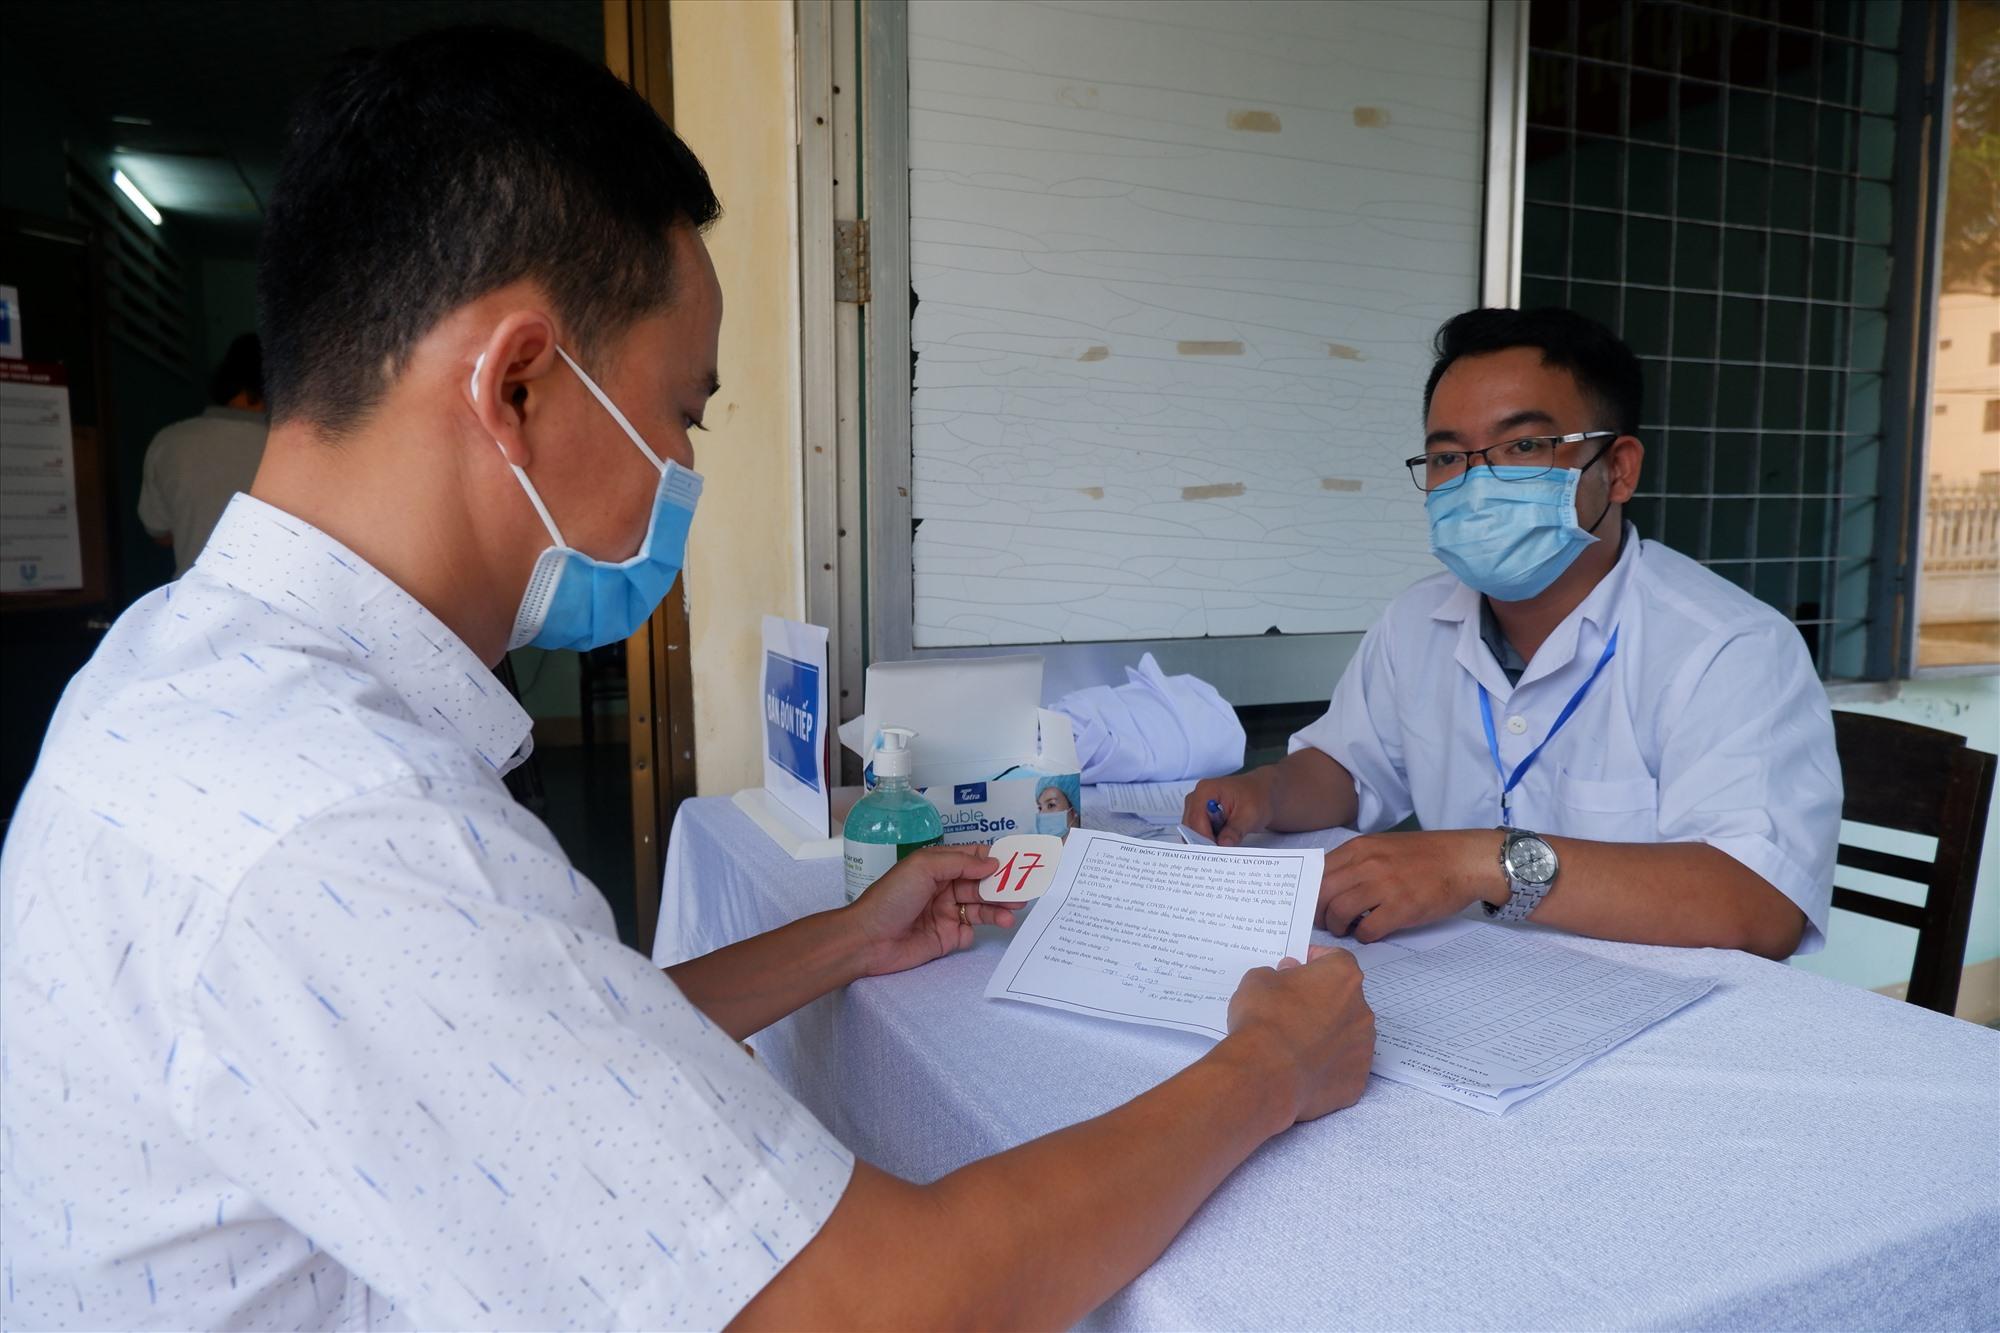 Quảng Nam đã triển khai việc tiêm vắc xin Covid-19, bên cạnh đó tiếp tục thực hiện các biện pháp kiểm soát khác. Ảnh: X.H